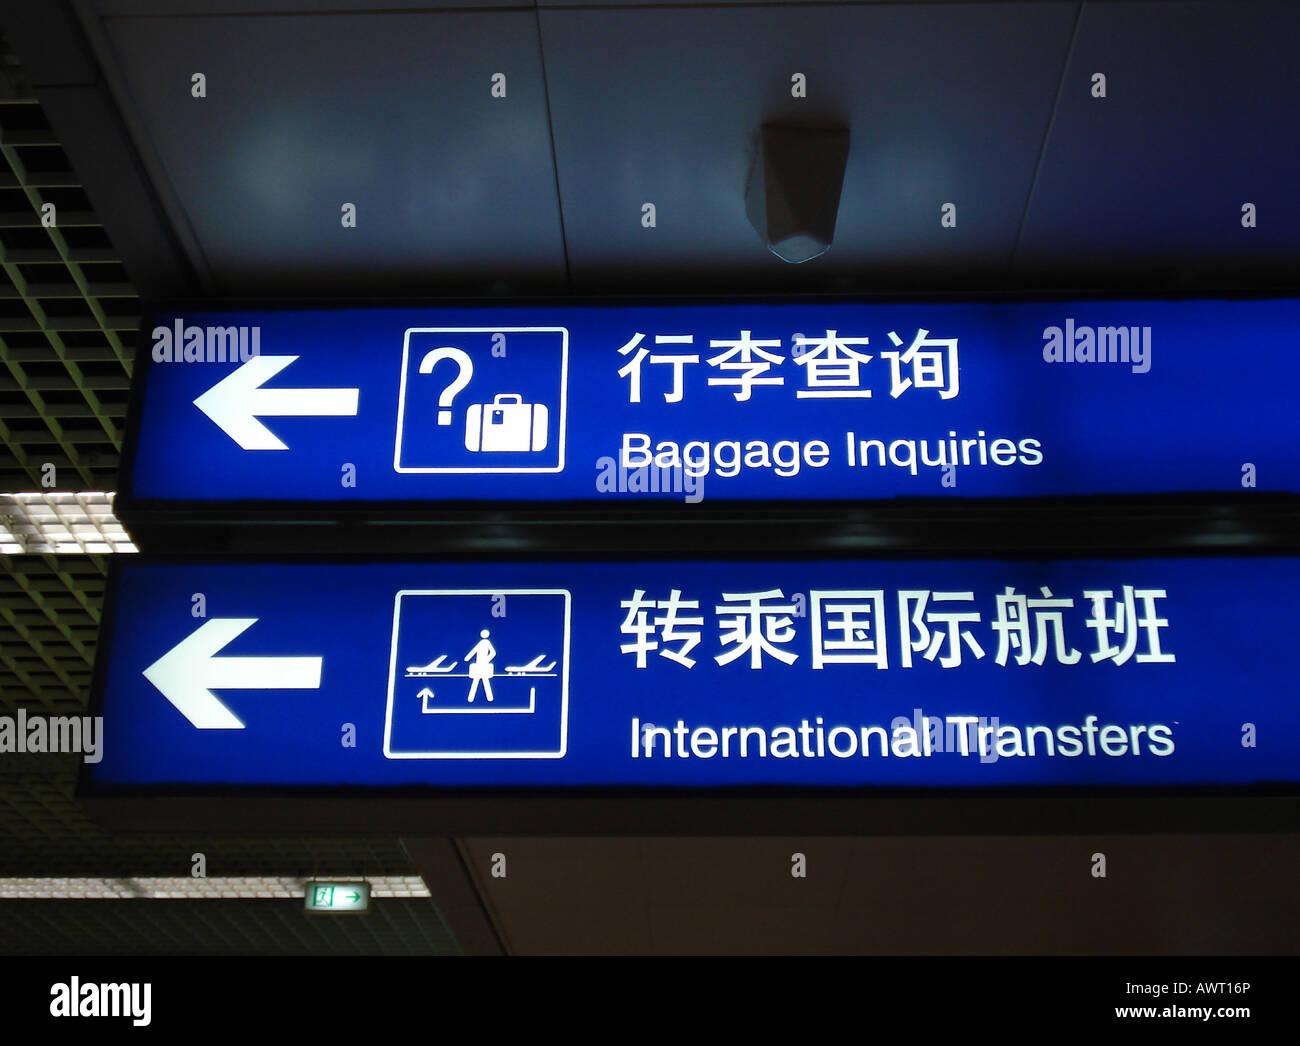 Melden Sie sich an Chinesisch und Englisch, die Richtung für Gepäck ...